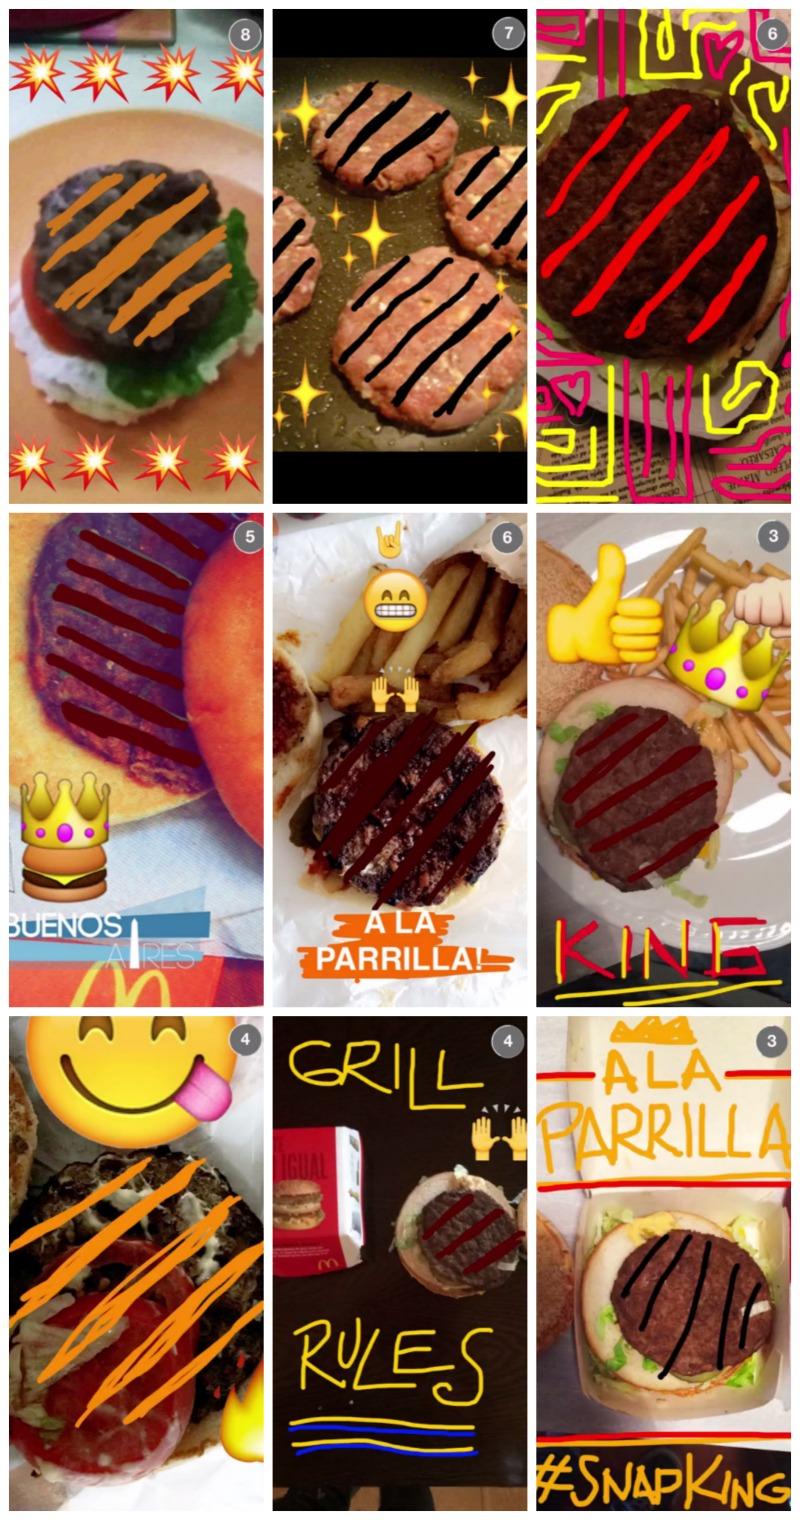 burger-king-snapchat-snapking2